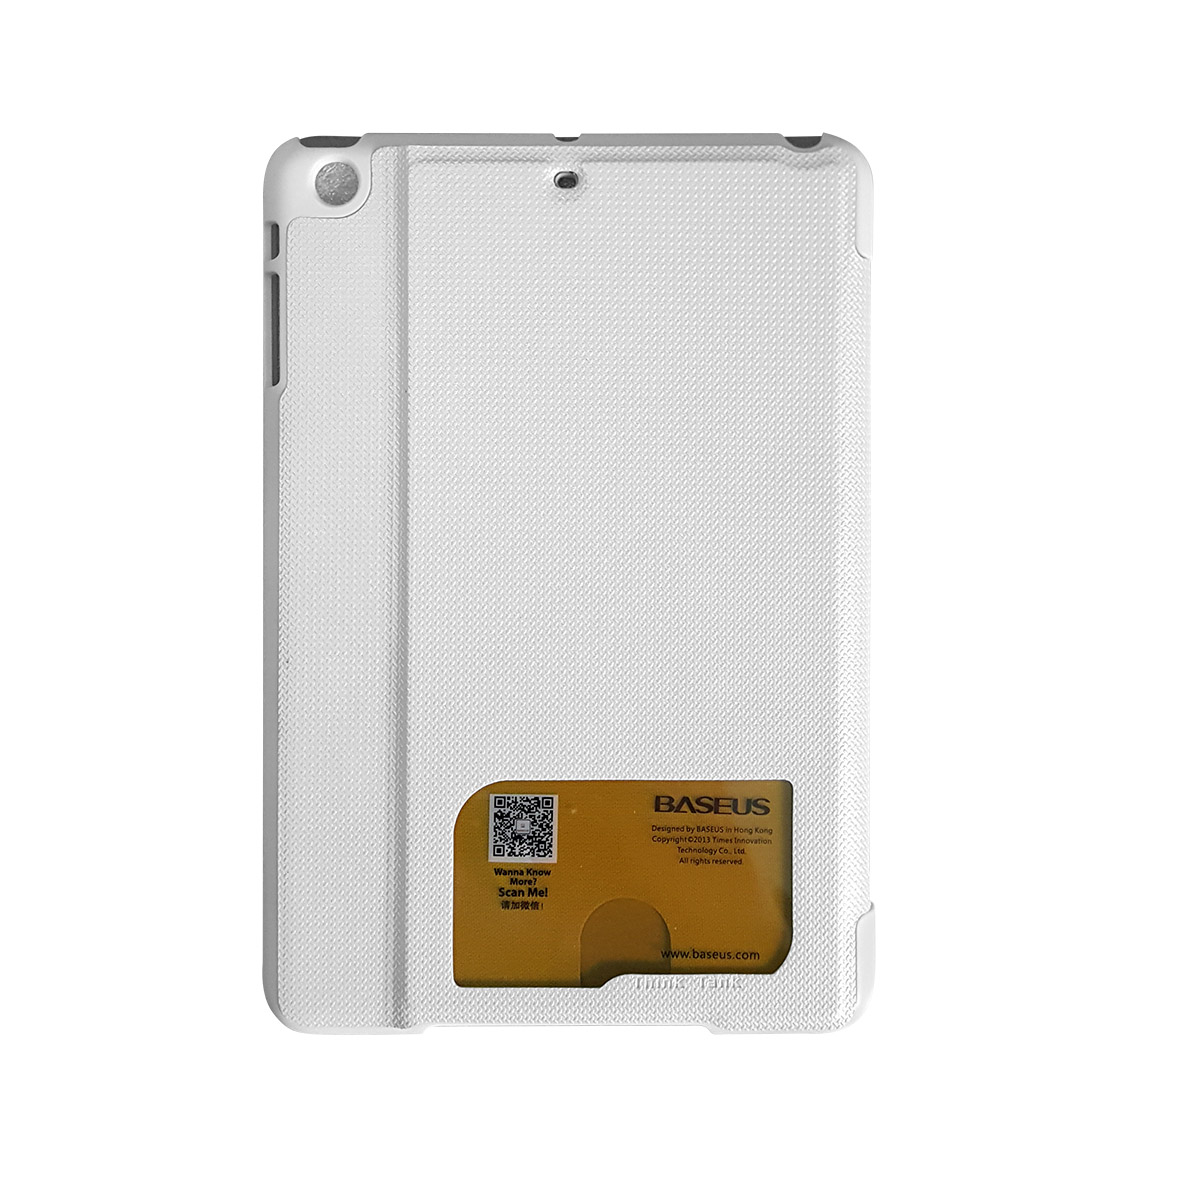 Bao da iPad mini Retina Baseus Think Tank (chất liệu giả da cao cấp, sang trọng, tiện dụng, chống va đập)